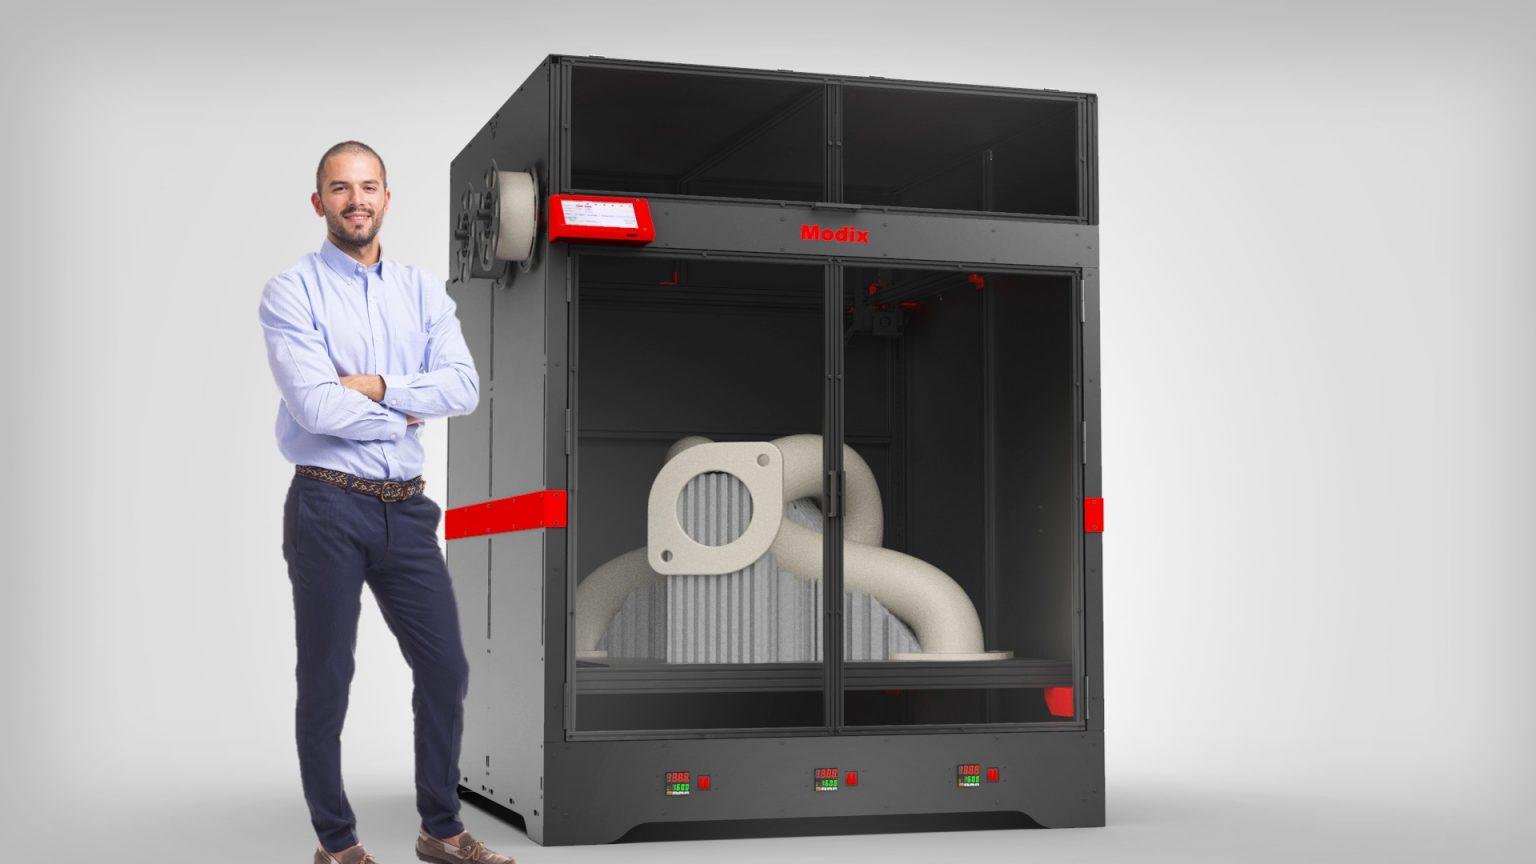 モディックスが三種類の大型3Dプリンターをリリース